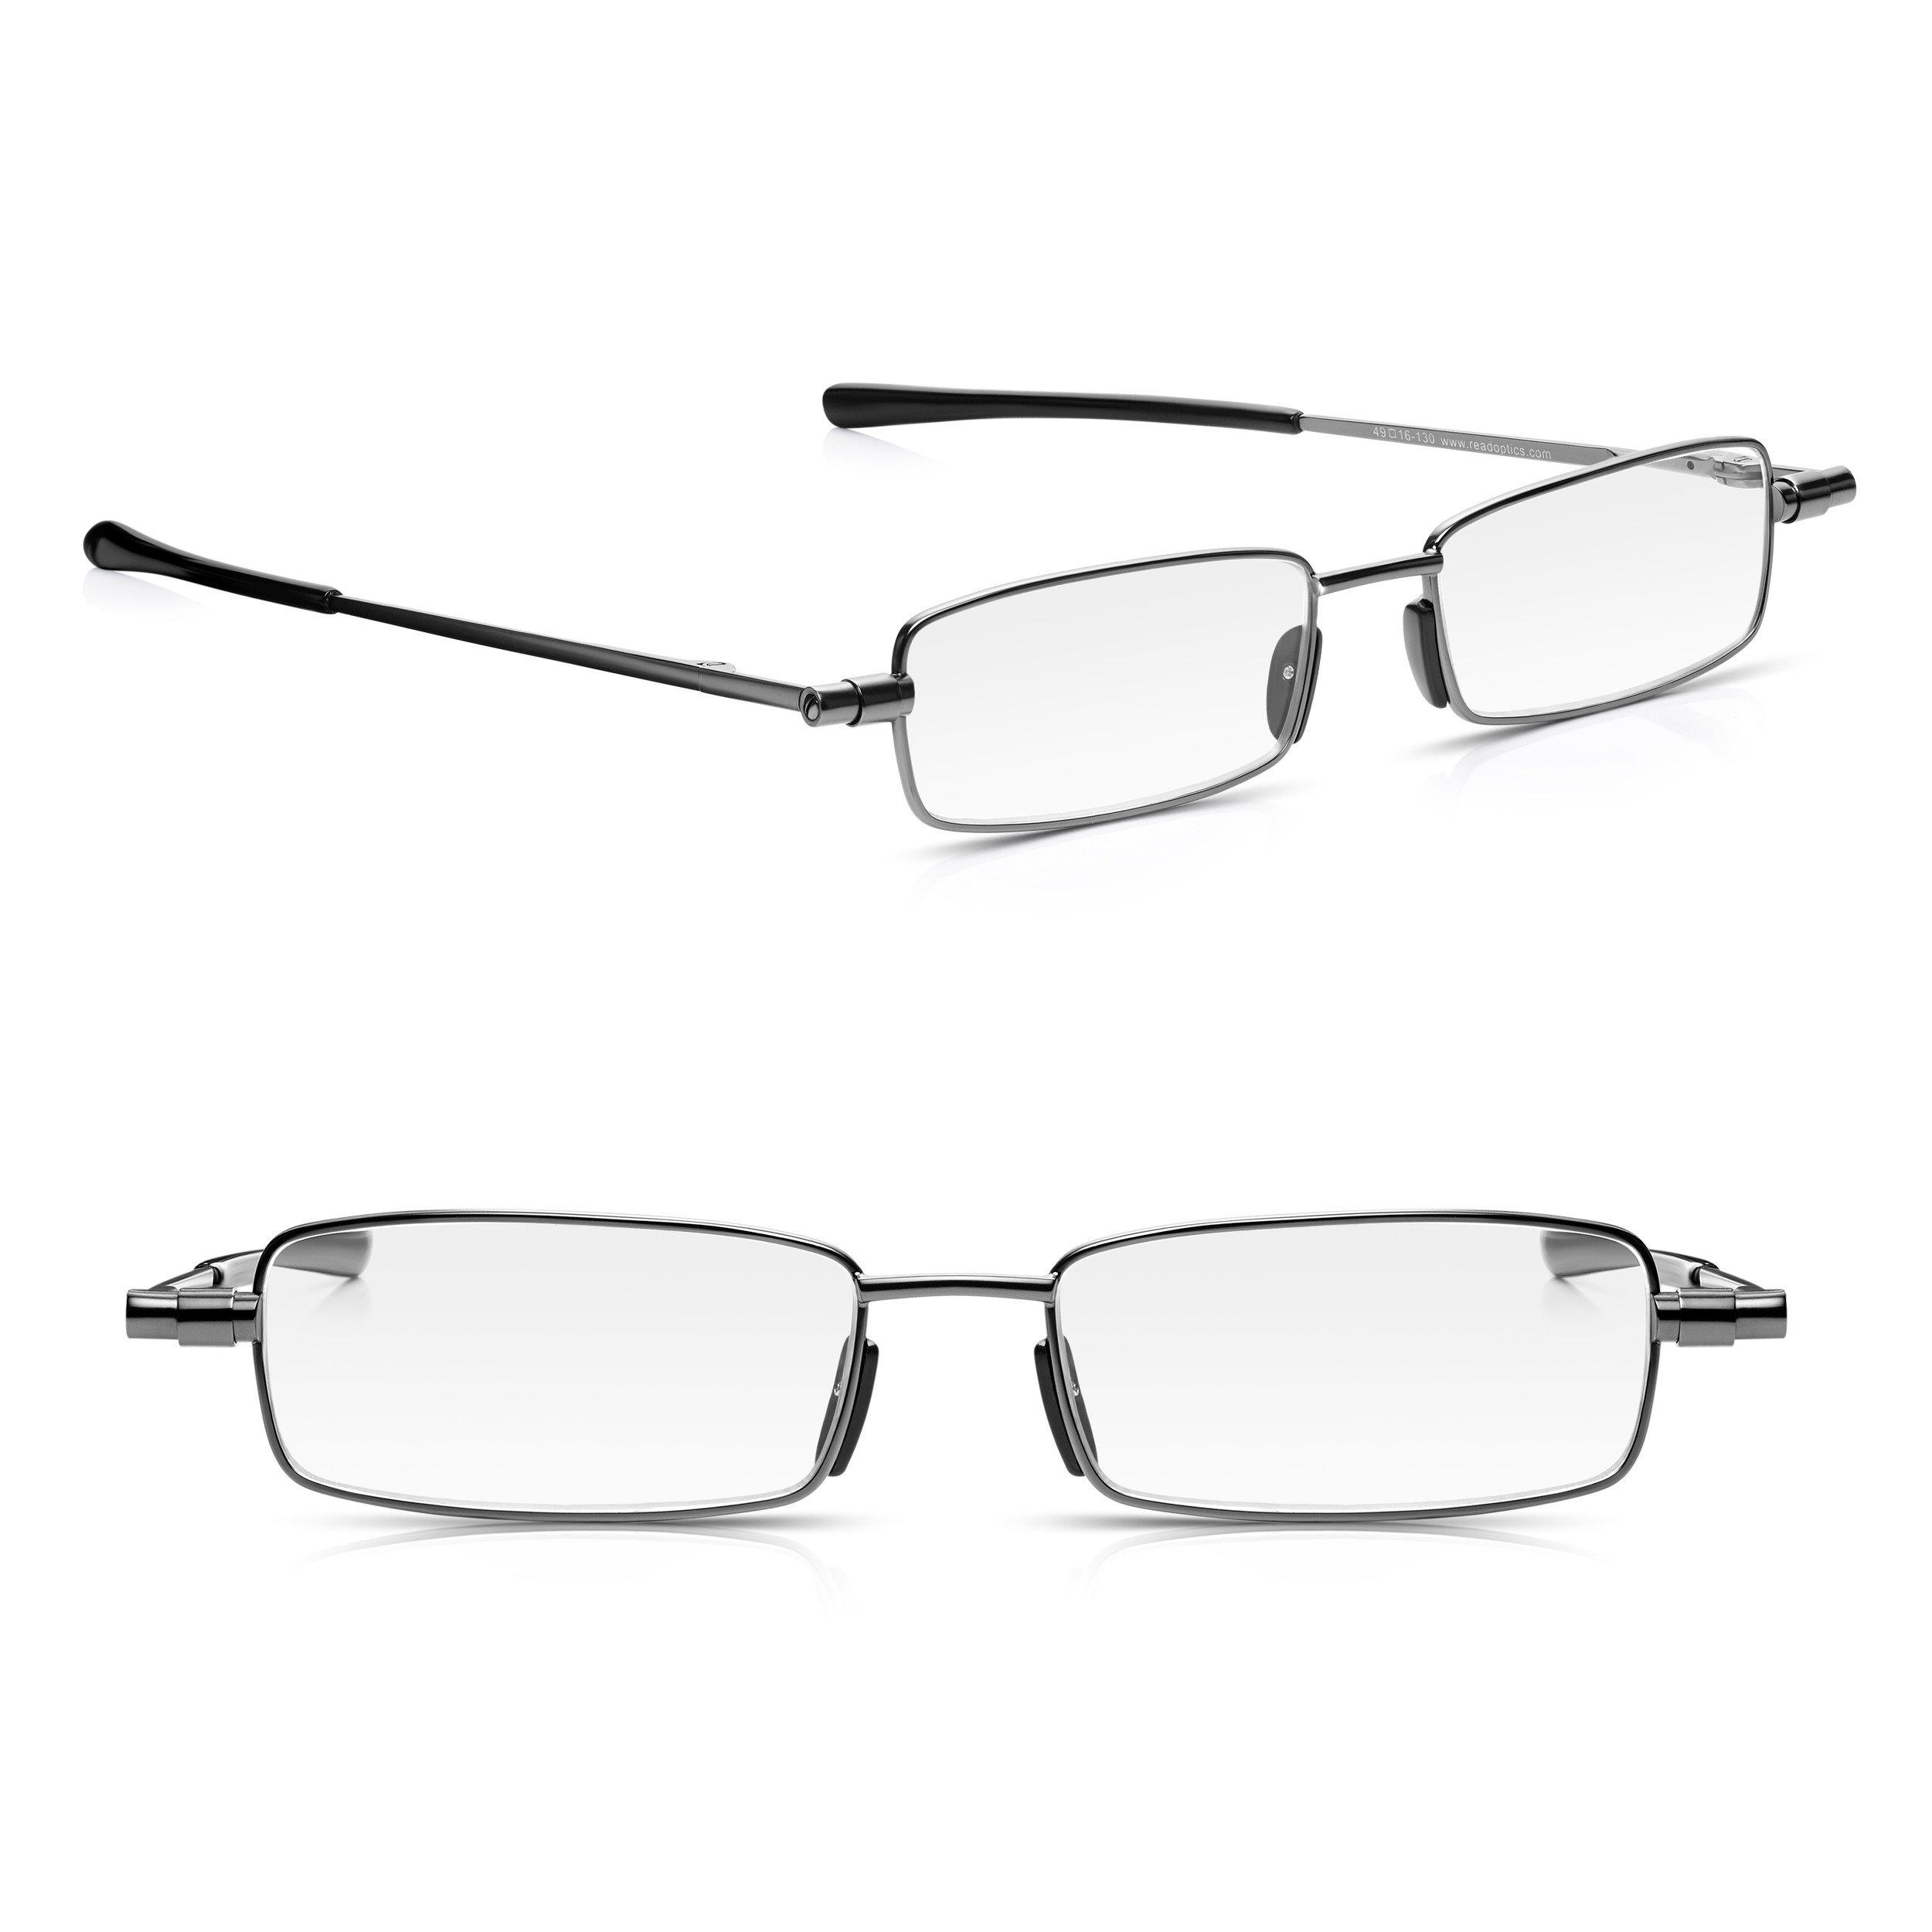 Read Optics: (x2-Pack) Gafas de Lectura Vista +2.00 para Presbicia